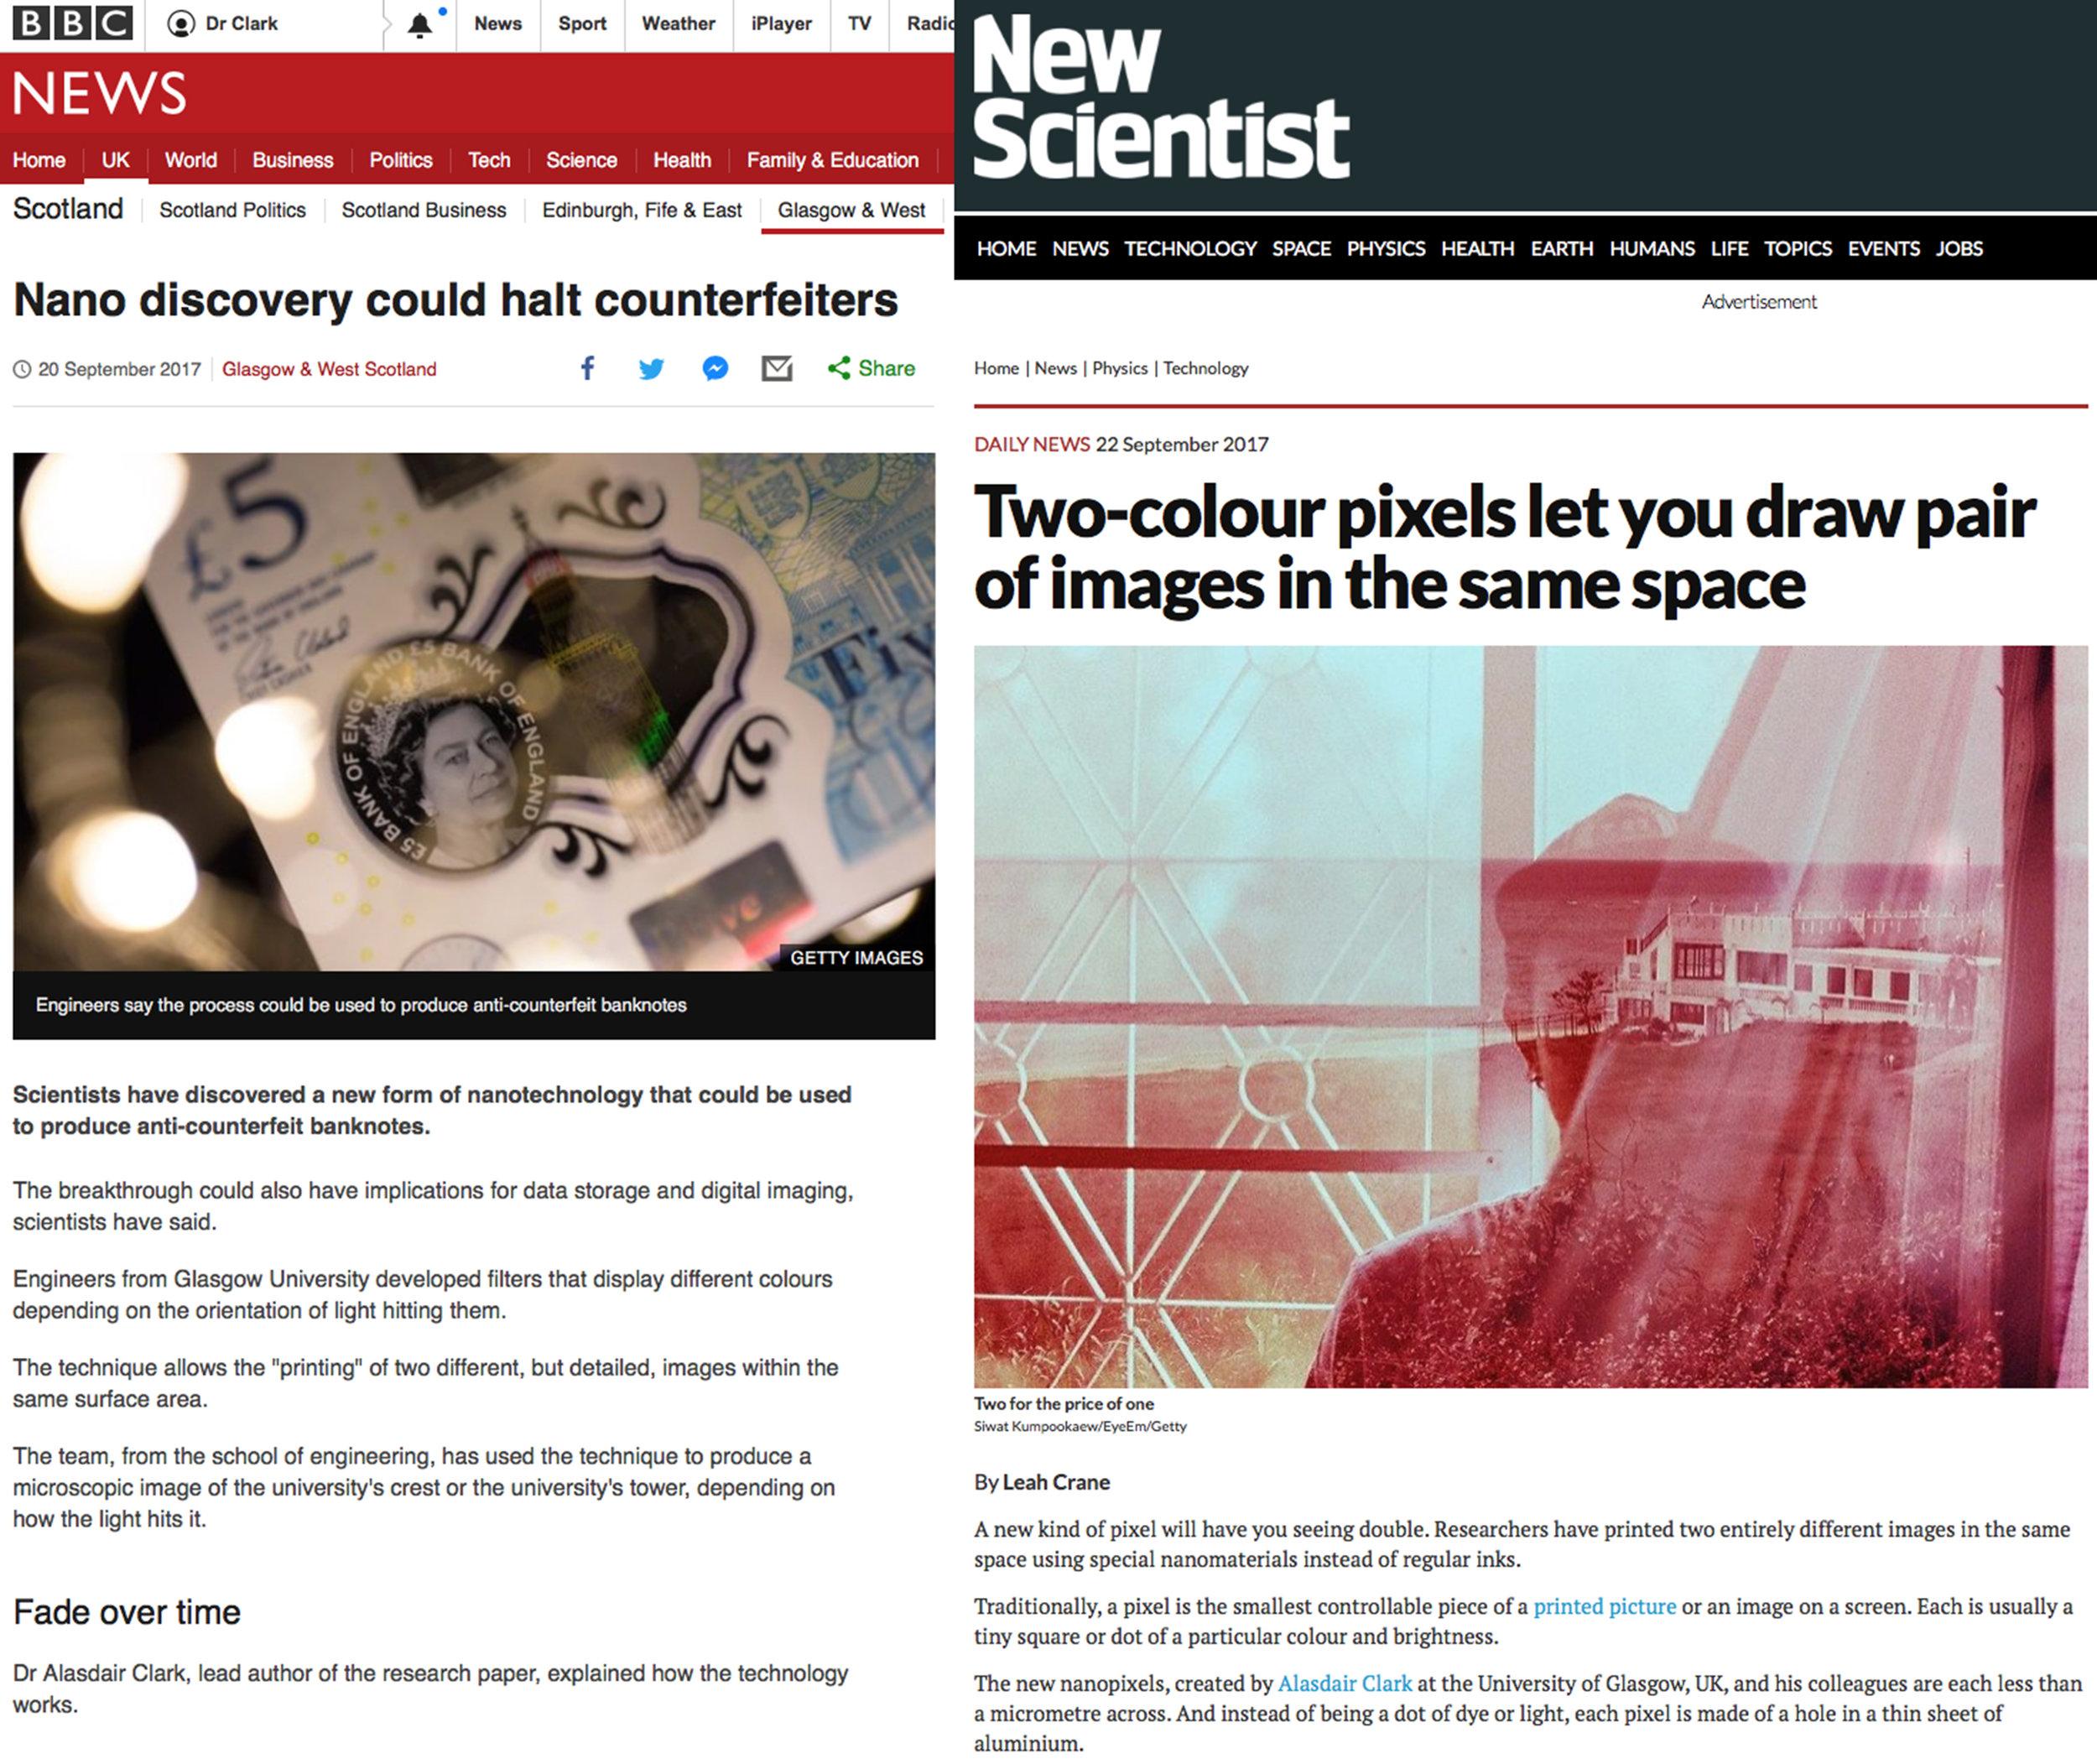 Press coverage jpg for website.jpg